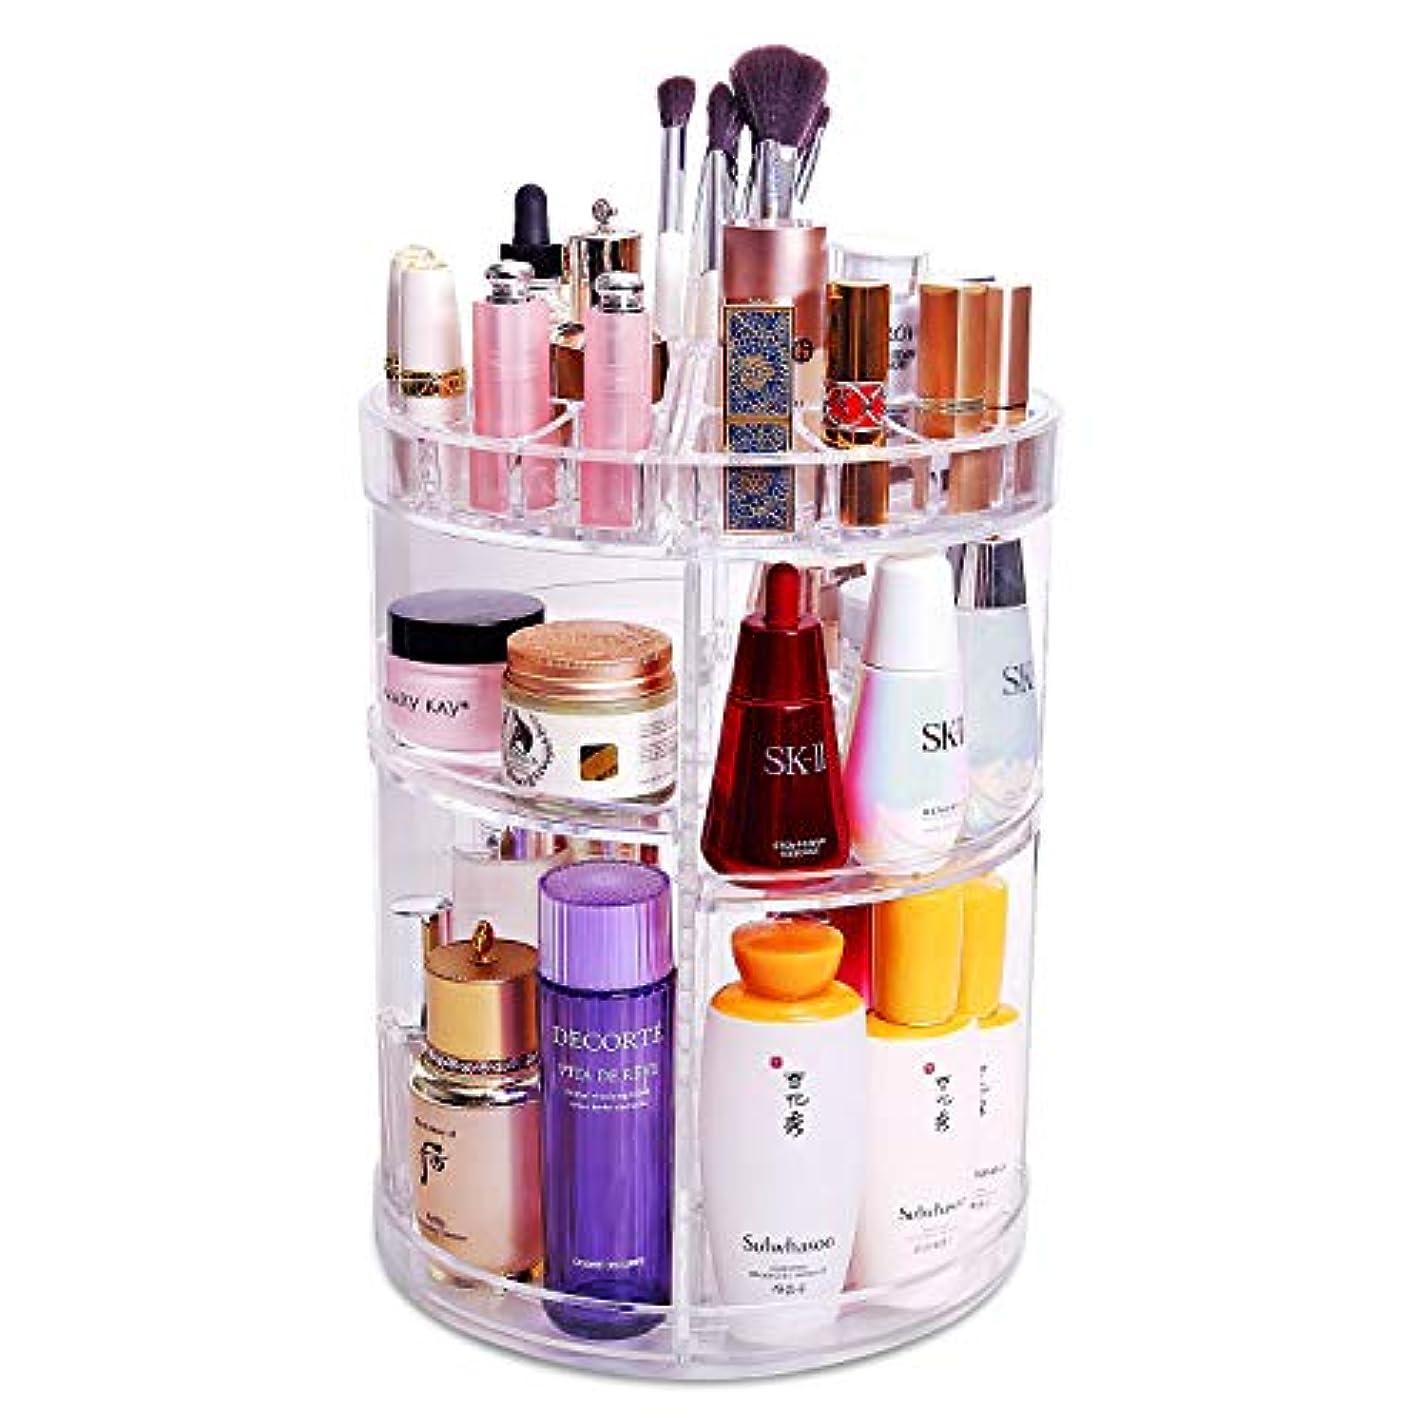 マキシムフェード有料和馳 コスメ収納 メイクボックス 化粧品収納ボックス 大容量 360度回転可能 アクセサリー収納 女子へのギフト